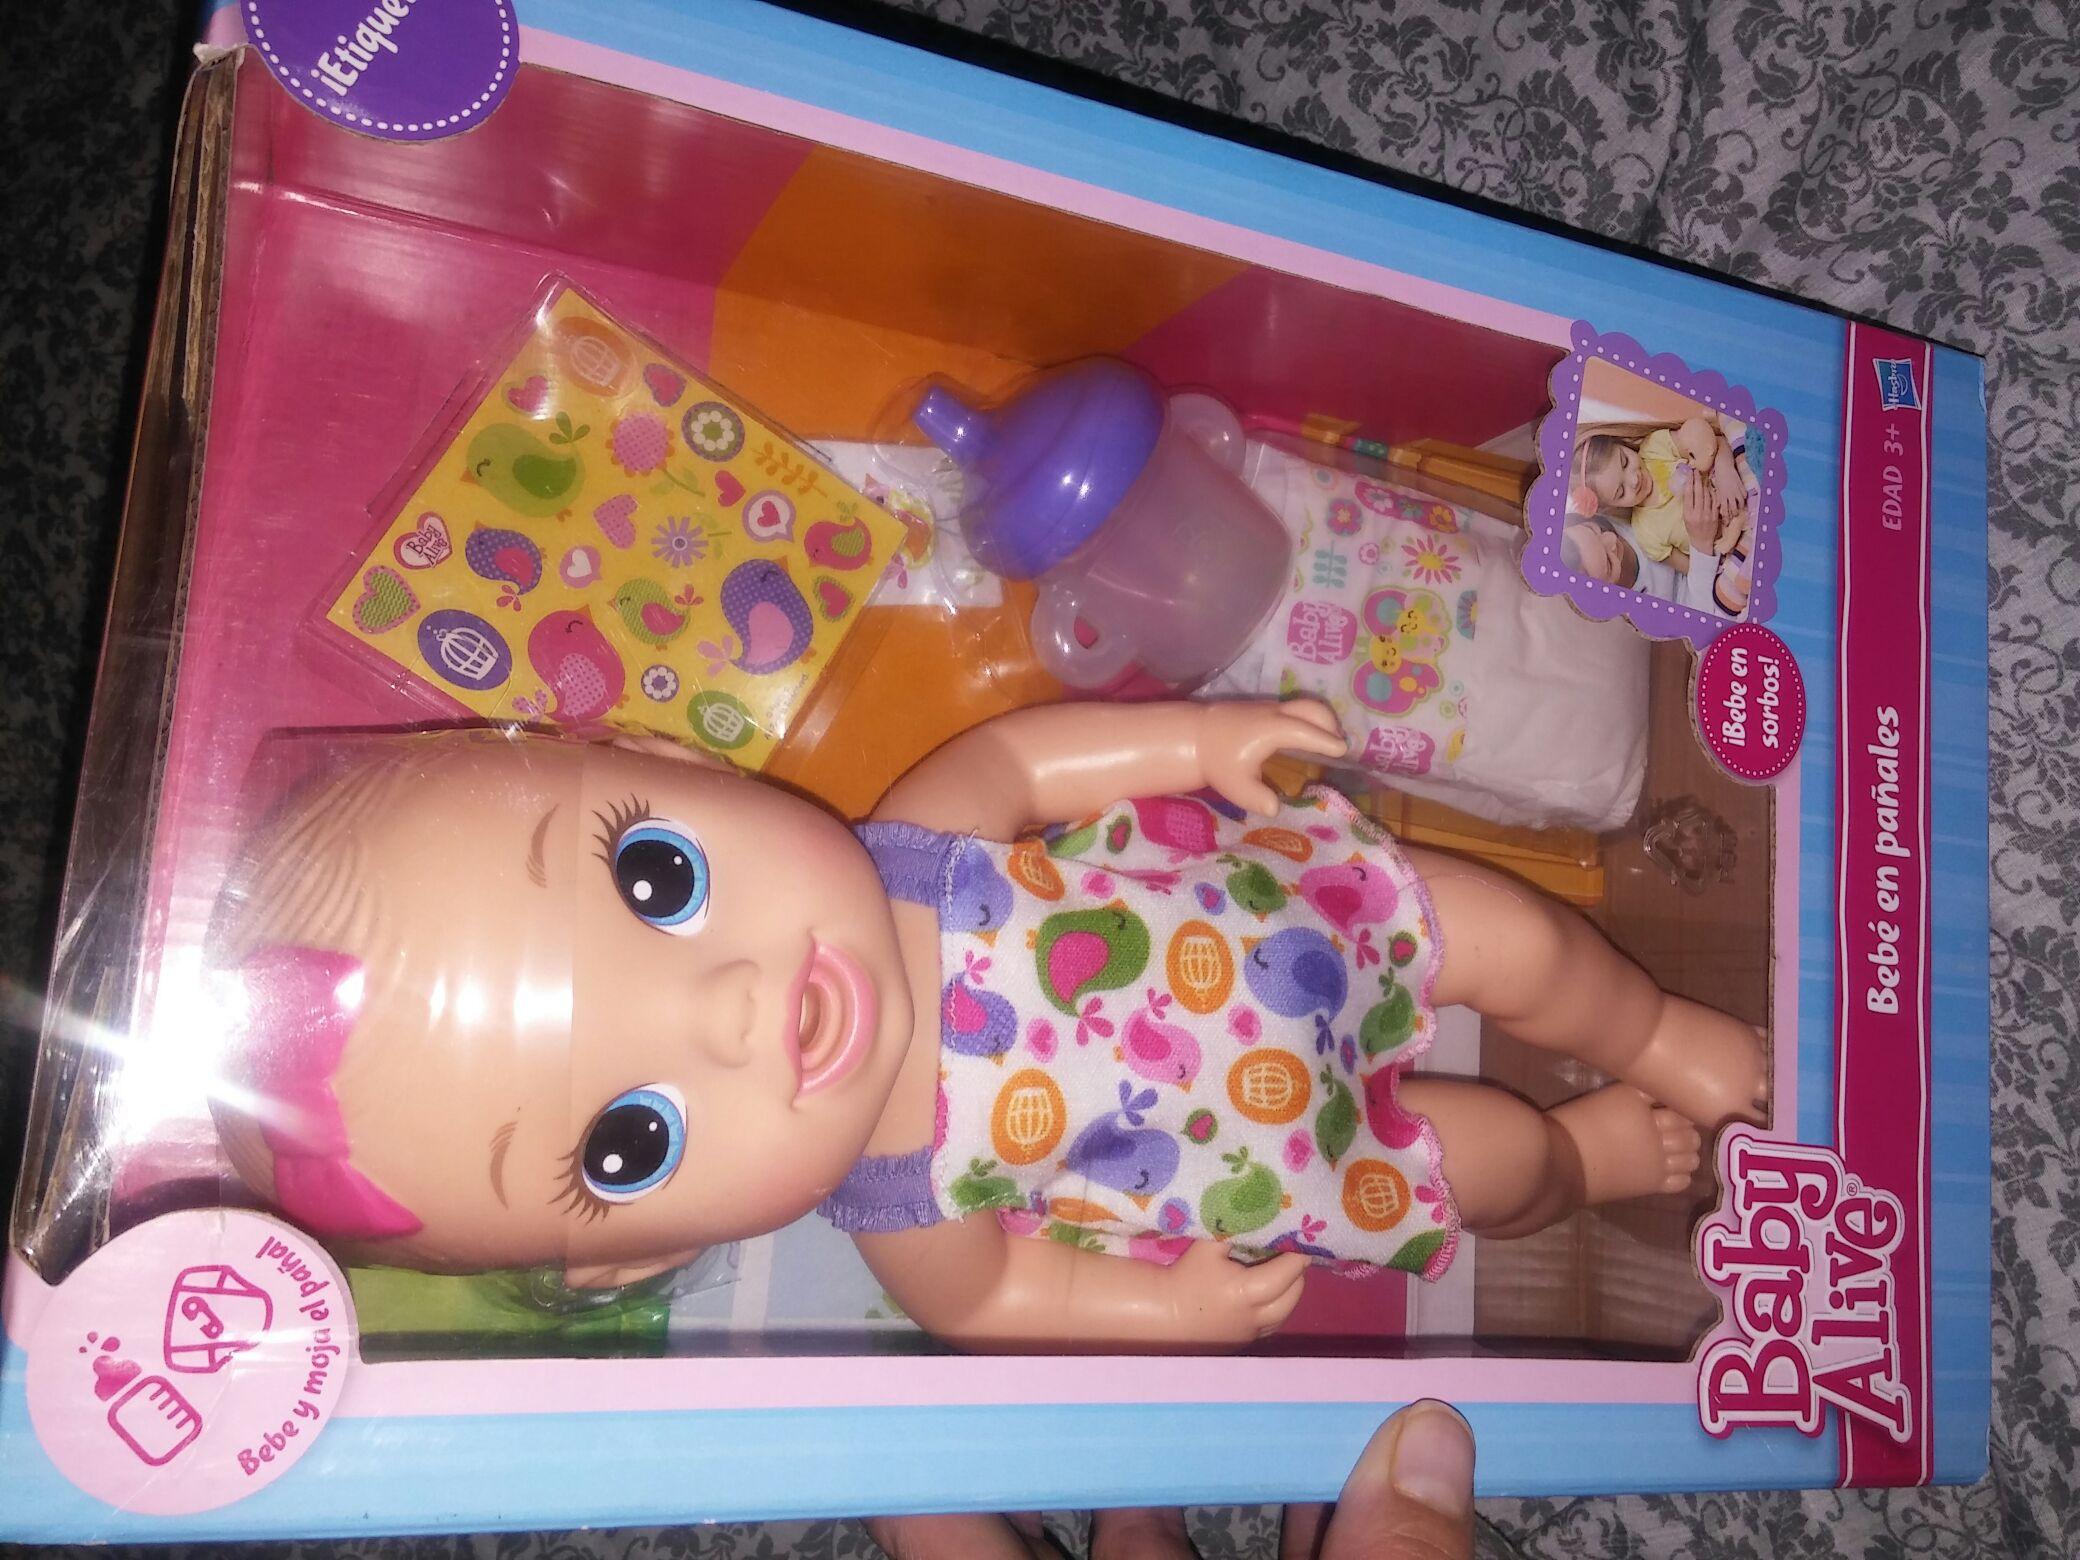 Walmart: muñeca baby alive a $54.01  y paquete de biberones a $60.02